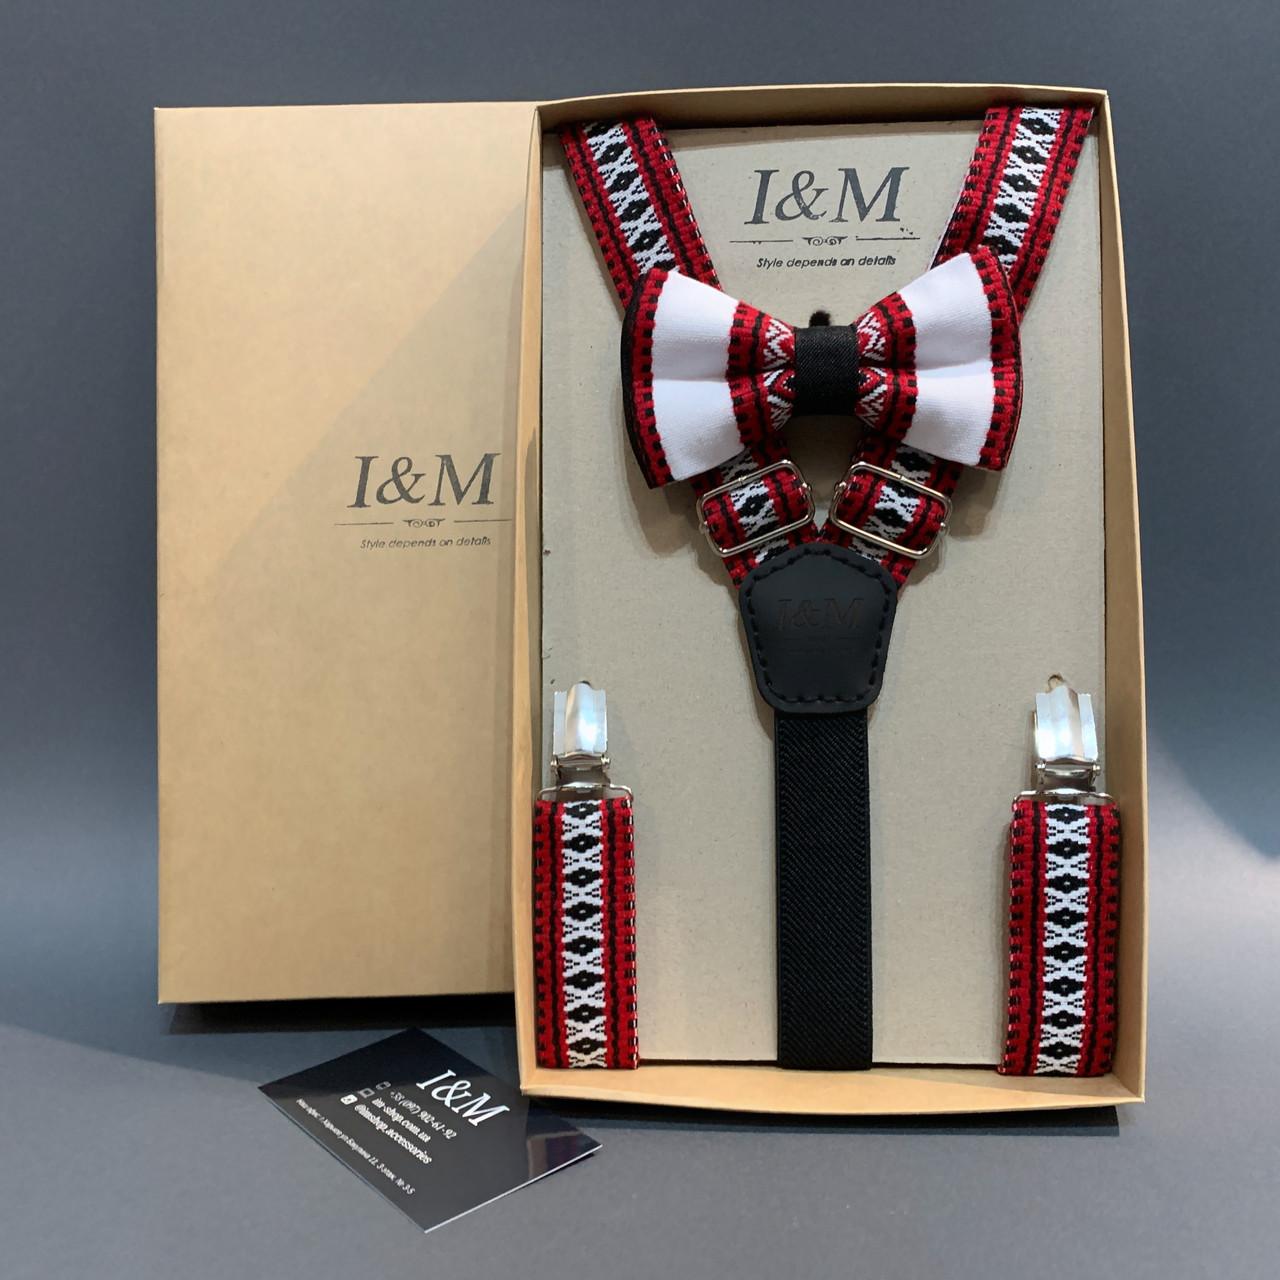 Набор I&M Craft галстук-бабочка и подтяжки для брюк в украинском стиле вышиванка (030301)